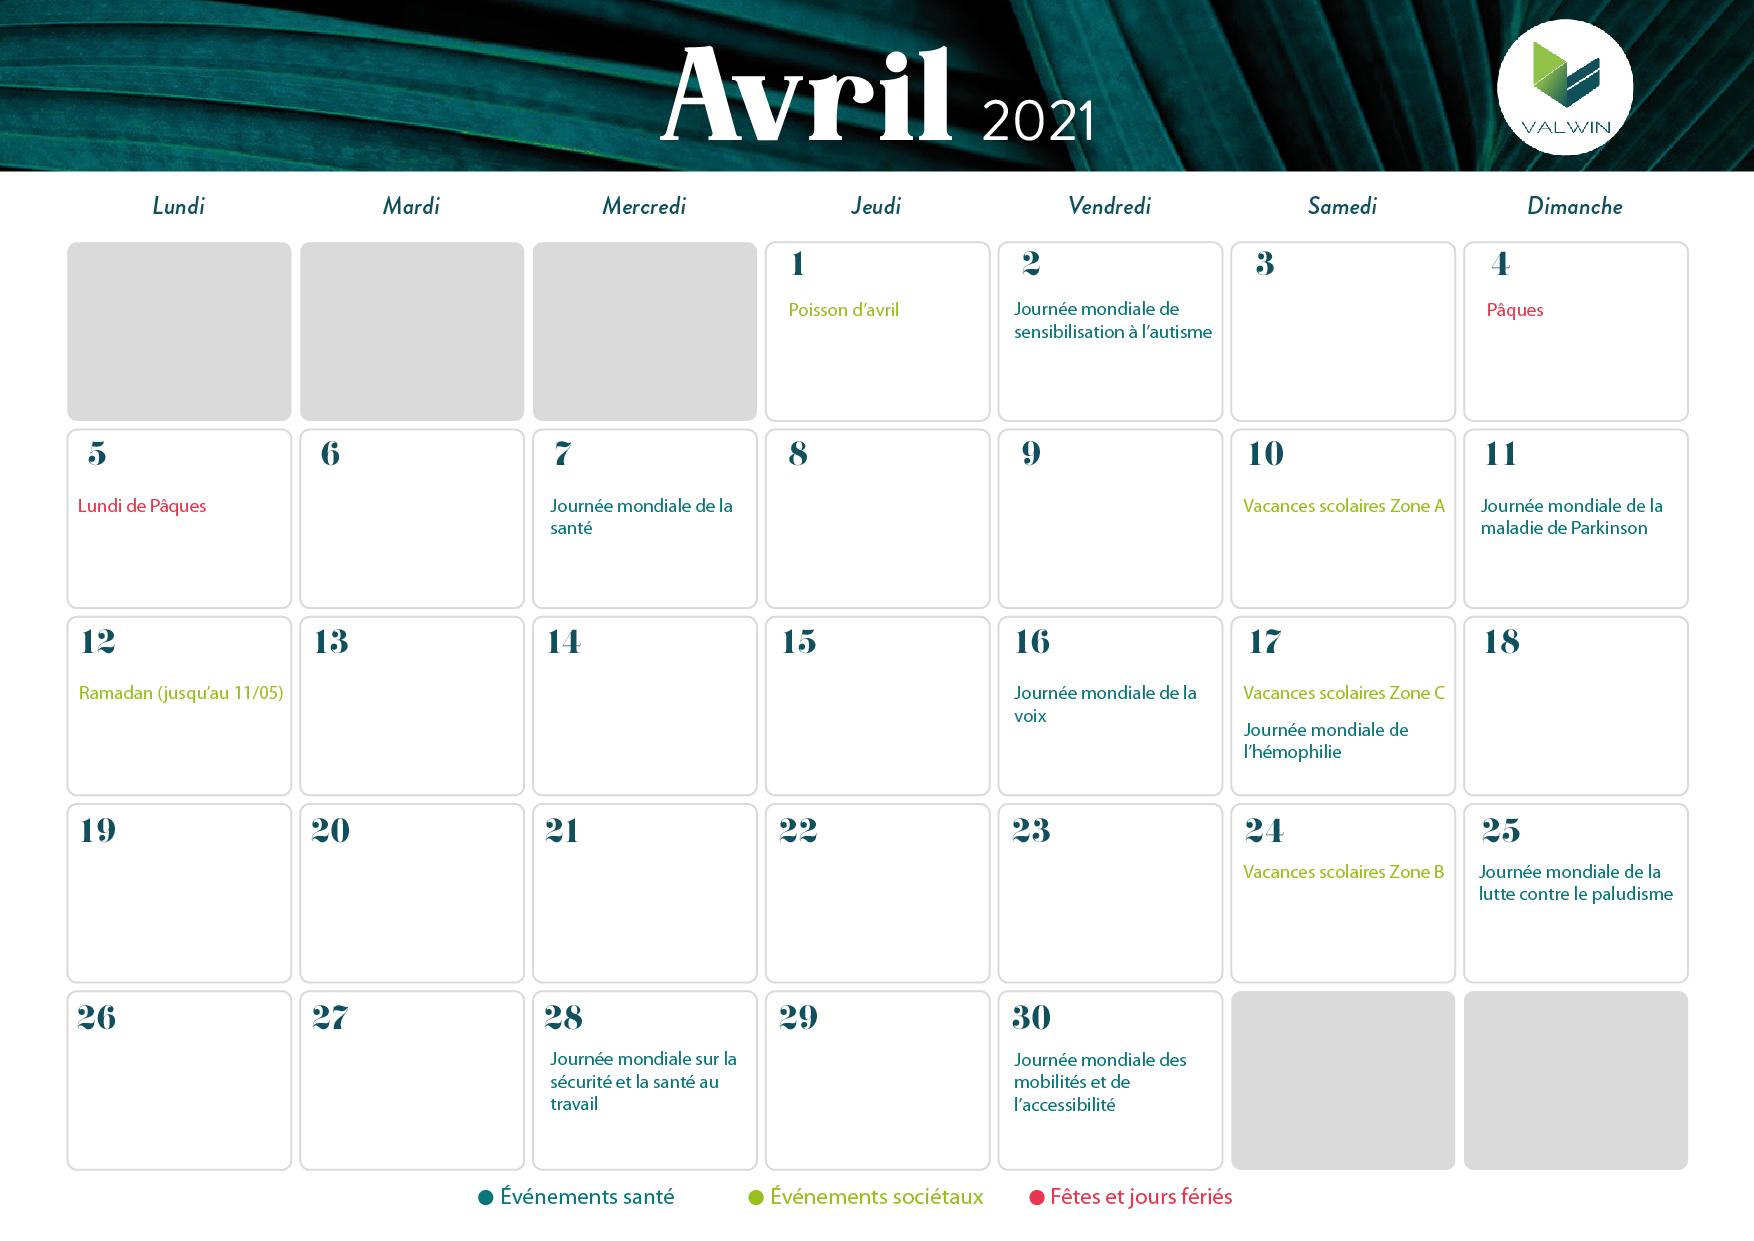 liste-toutes-les-journées-mondiales-de-Santé-avril-2021.jpg